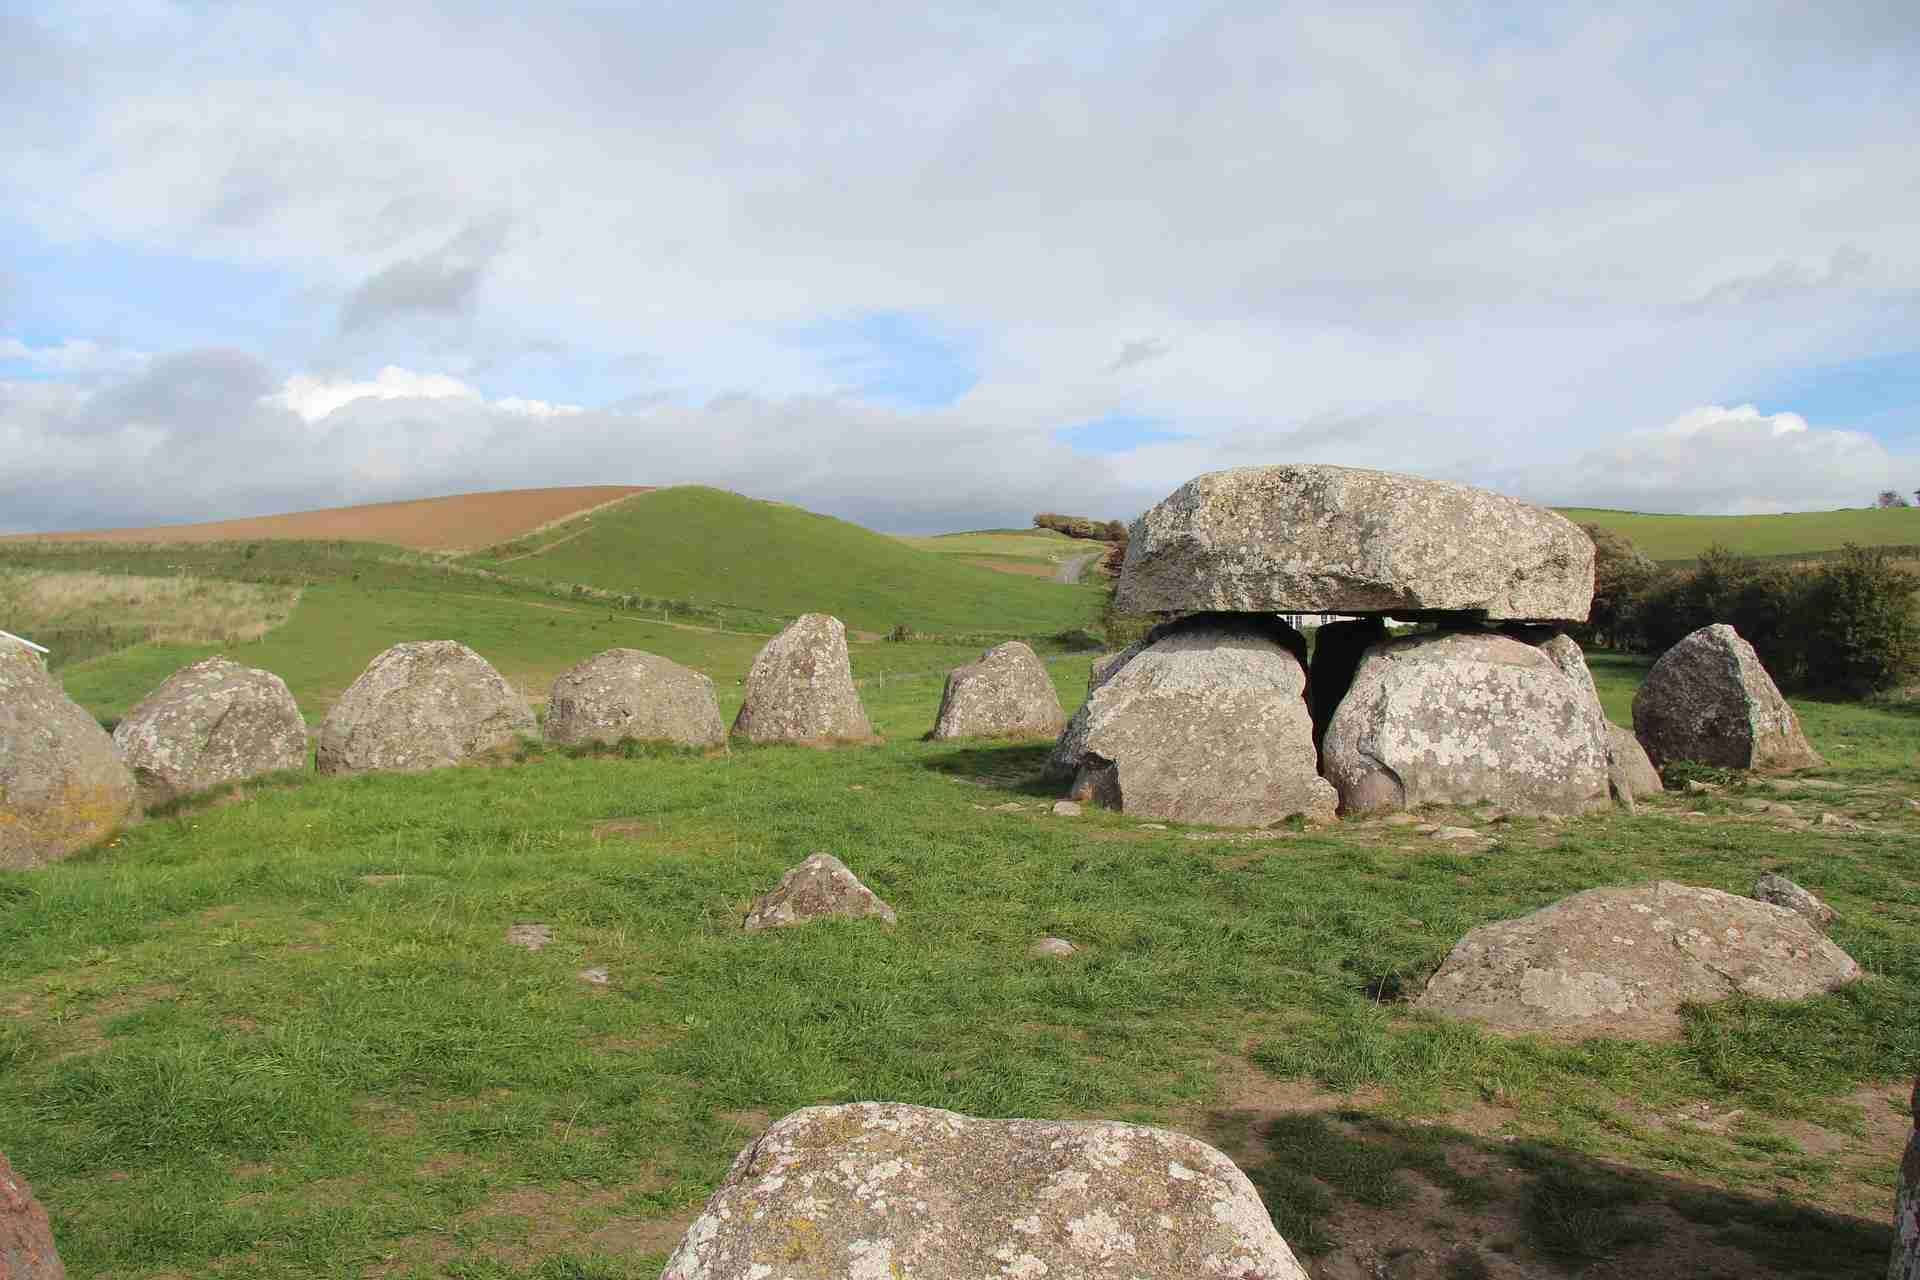 stones-3728973_1920